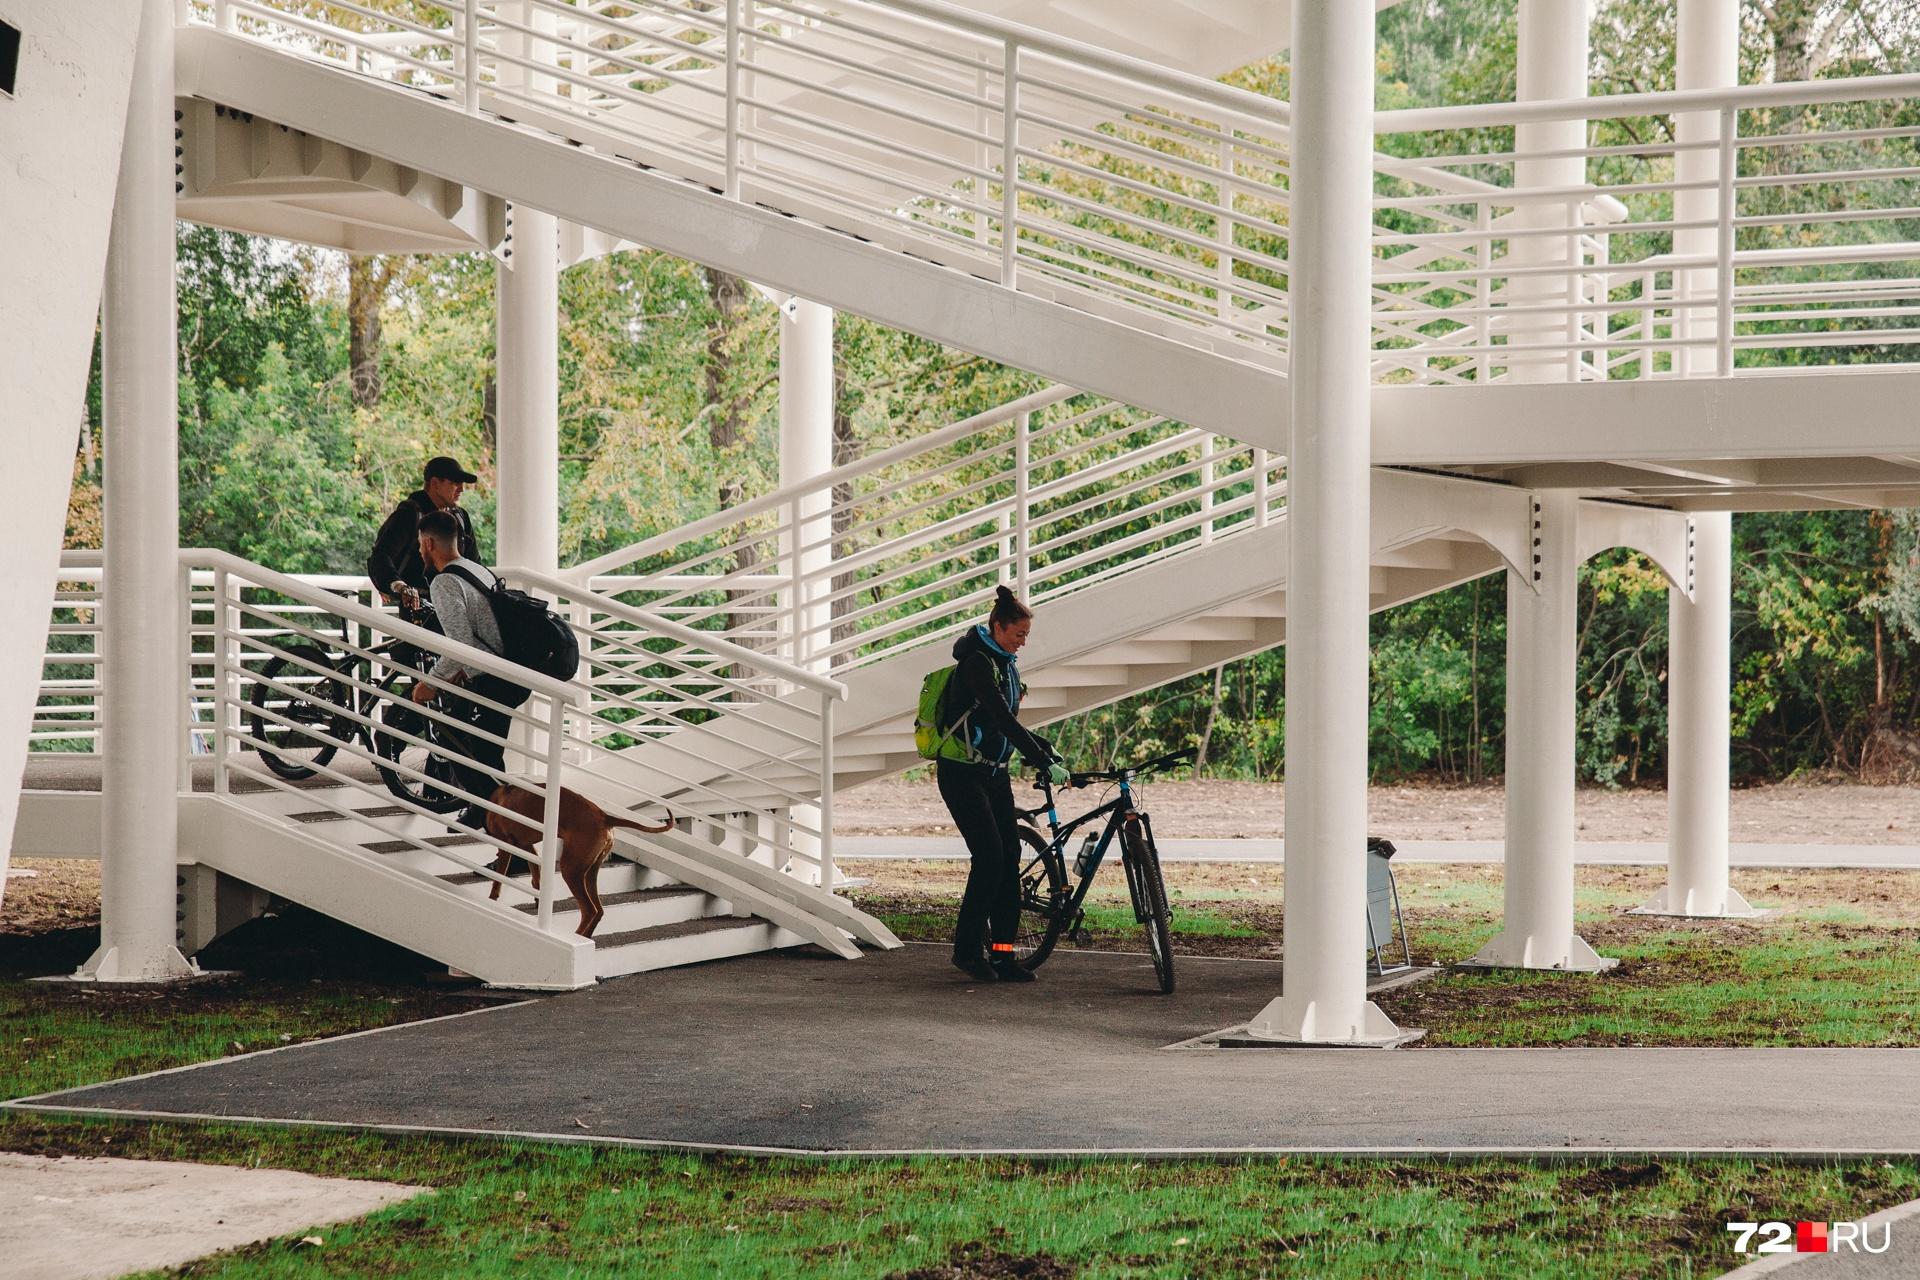 Пока велосипедисты спускаются по лестнице. Во время прогулки мы не встретили того, кто сильно критиковал путепровод